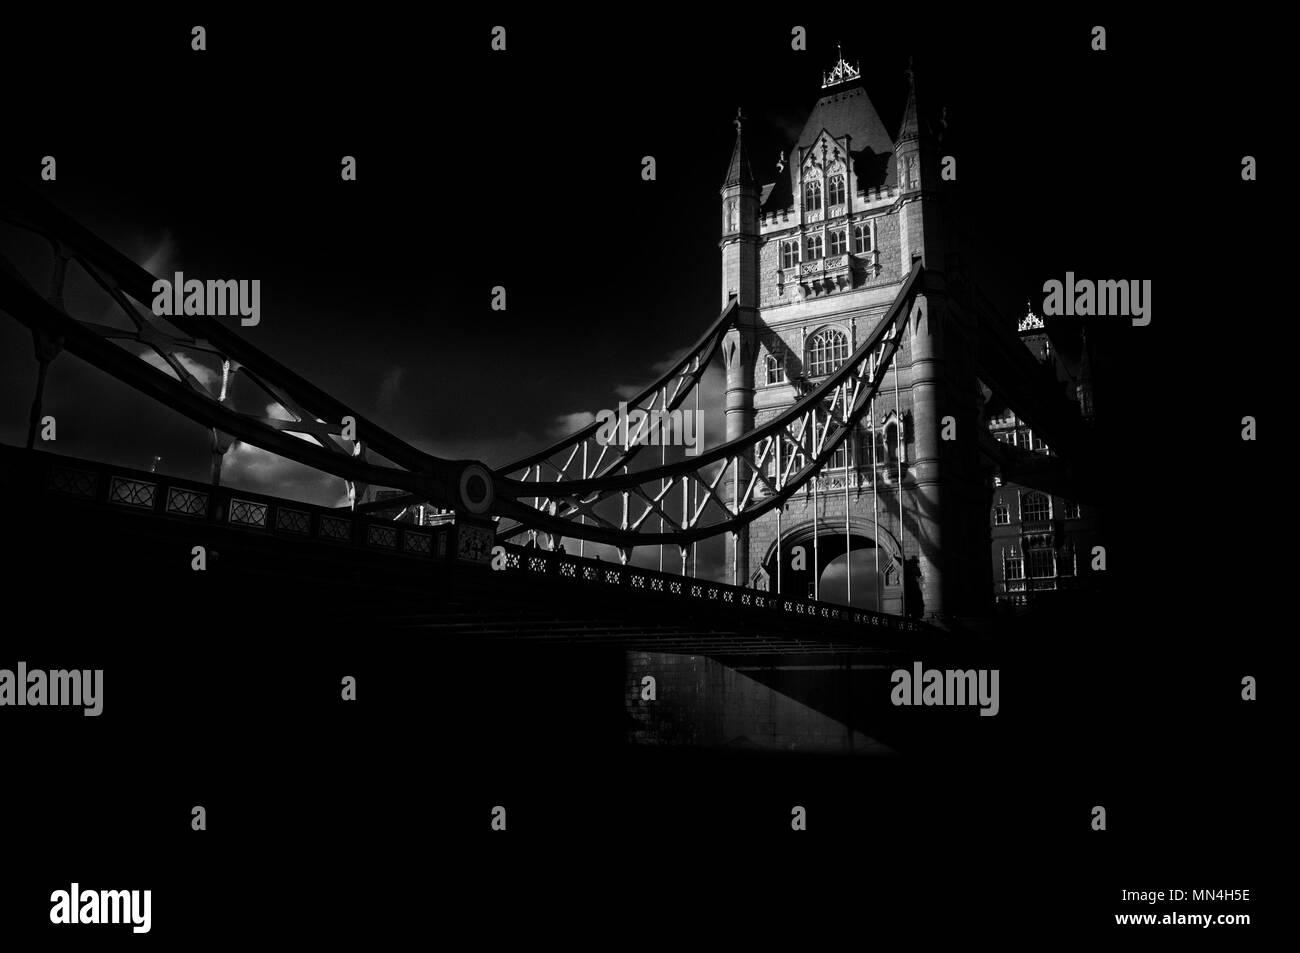 Tower Bridge de Londres. Monocromo de arte fotografía de uno de los más famosos y reconocibles al instante monumentos históricos en el mundo. Foto de stock